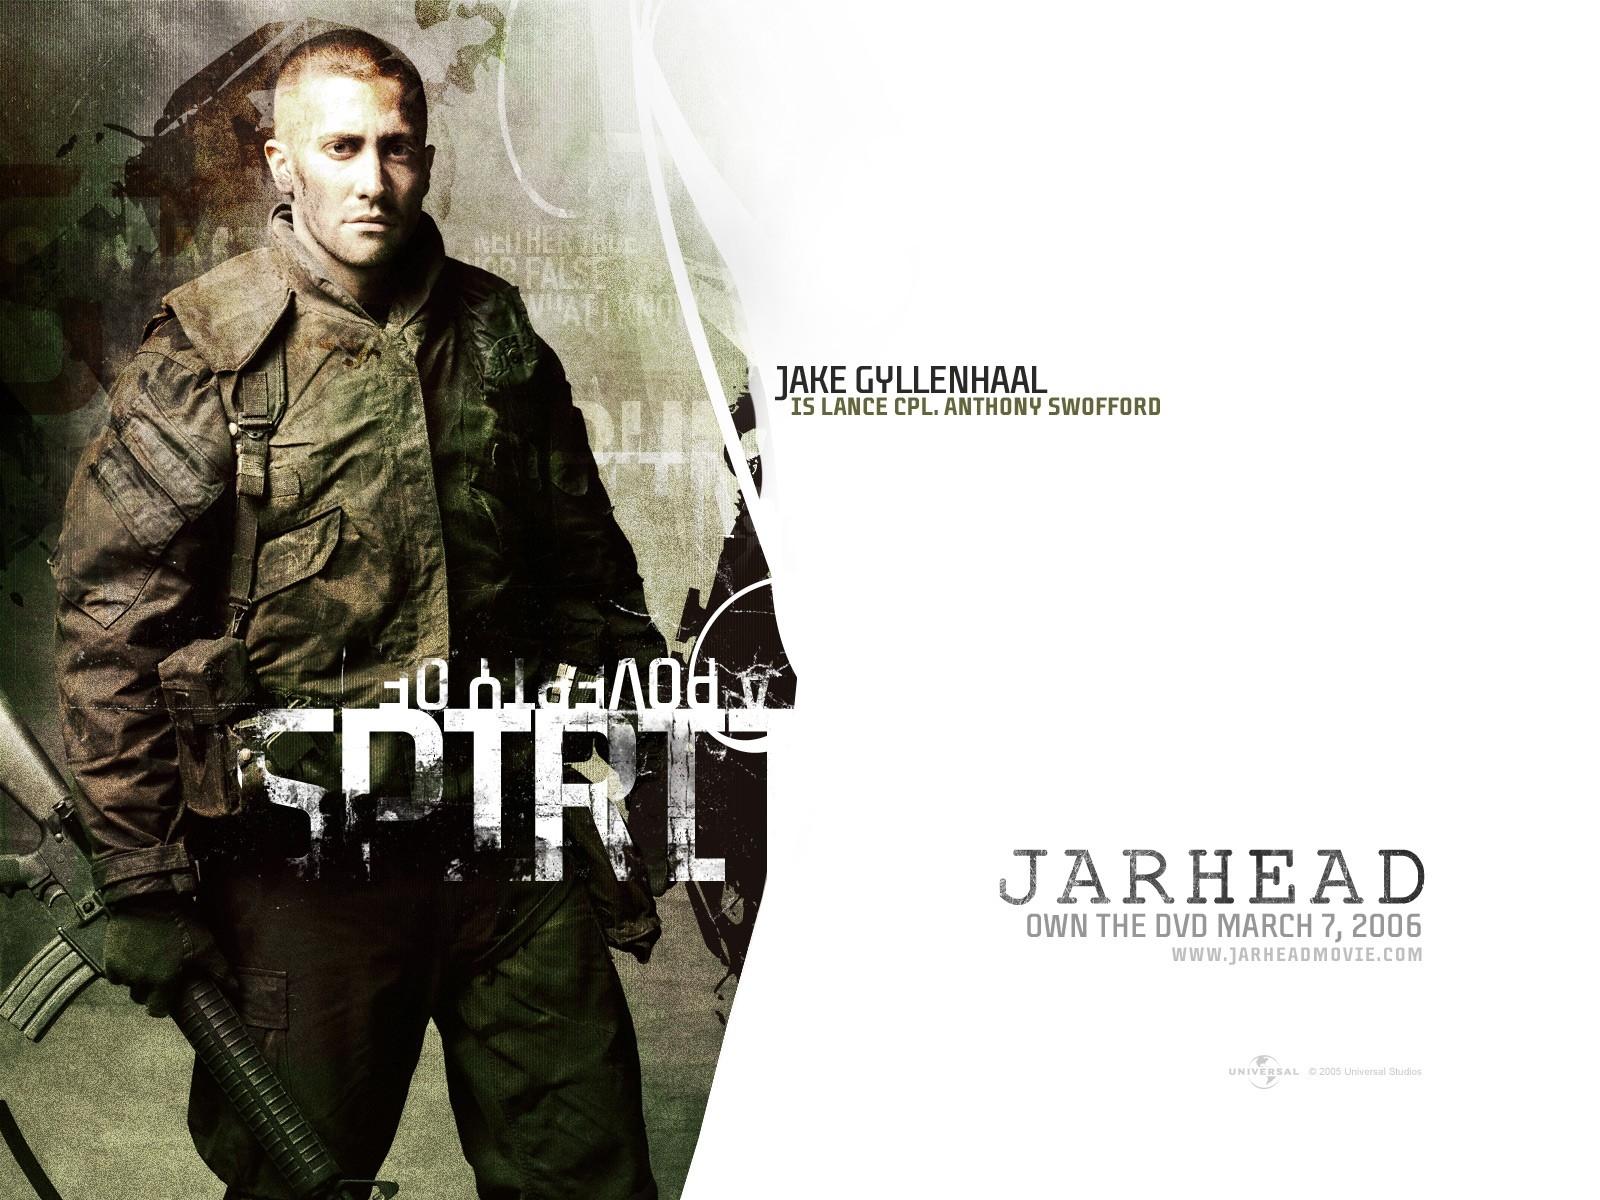 Wallpaper del film Jarhead con Jake Gyllenhaal